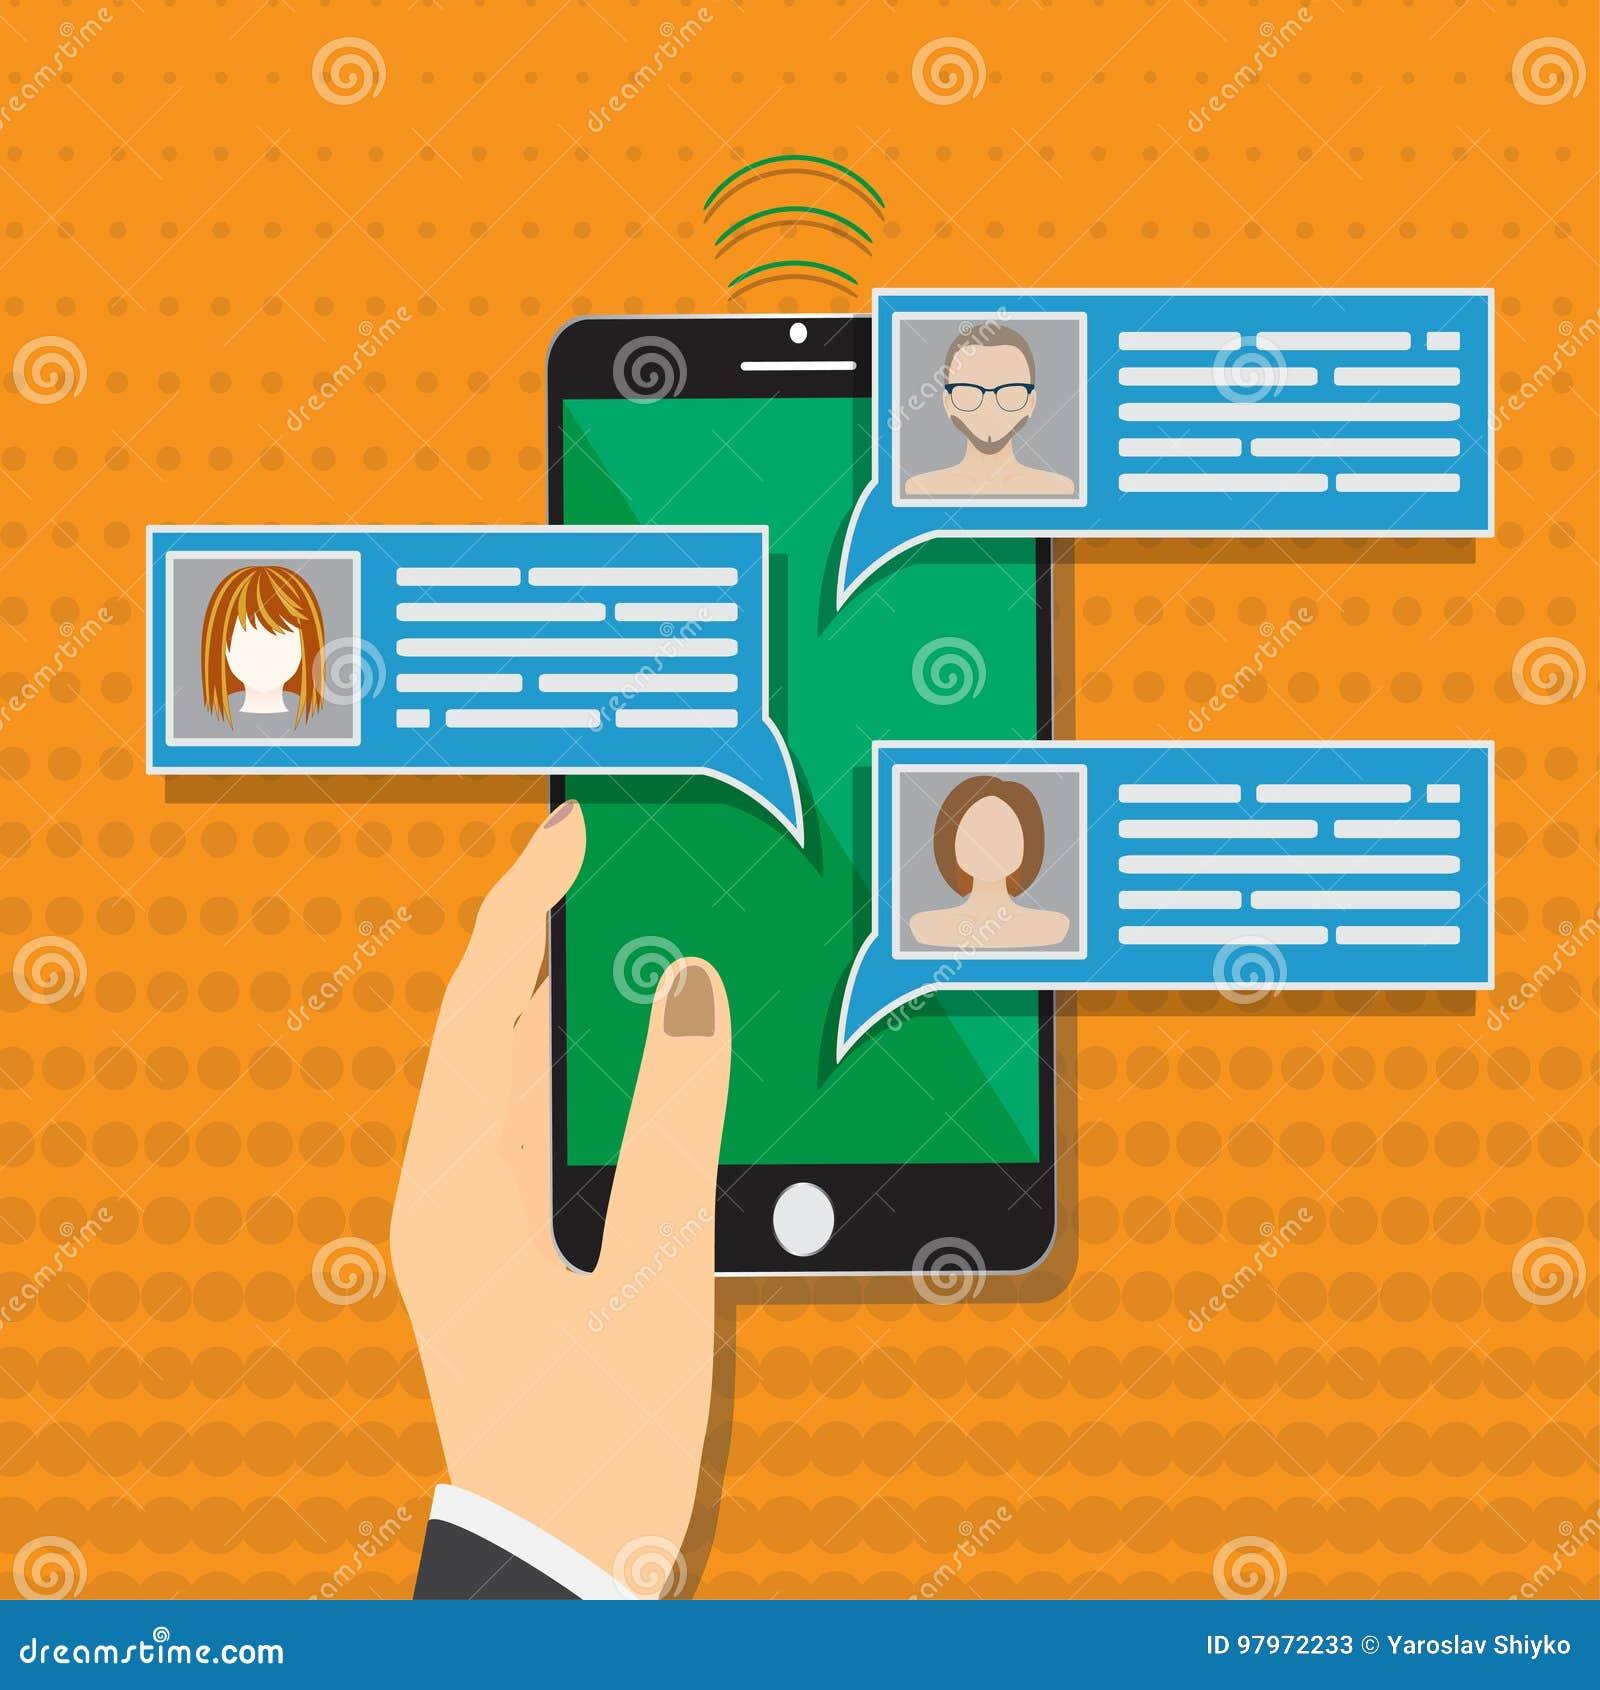 Уведомления сообщения болтовни мобильного телефона vector иллюстрация на предпосылке цвета, руке с smartphone